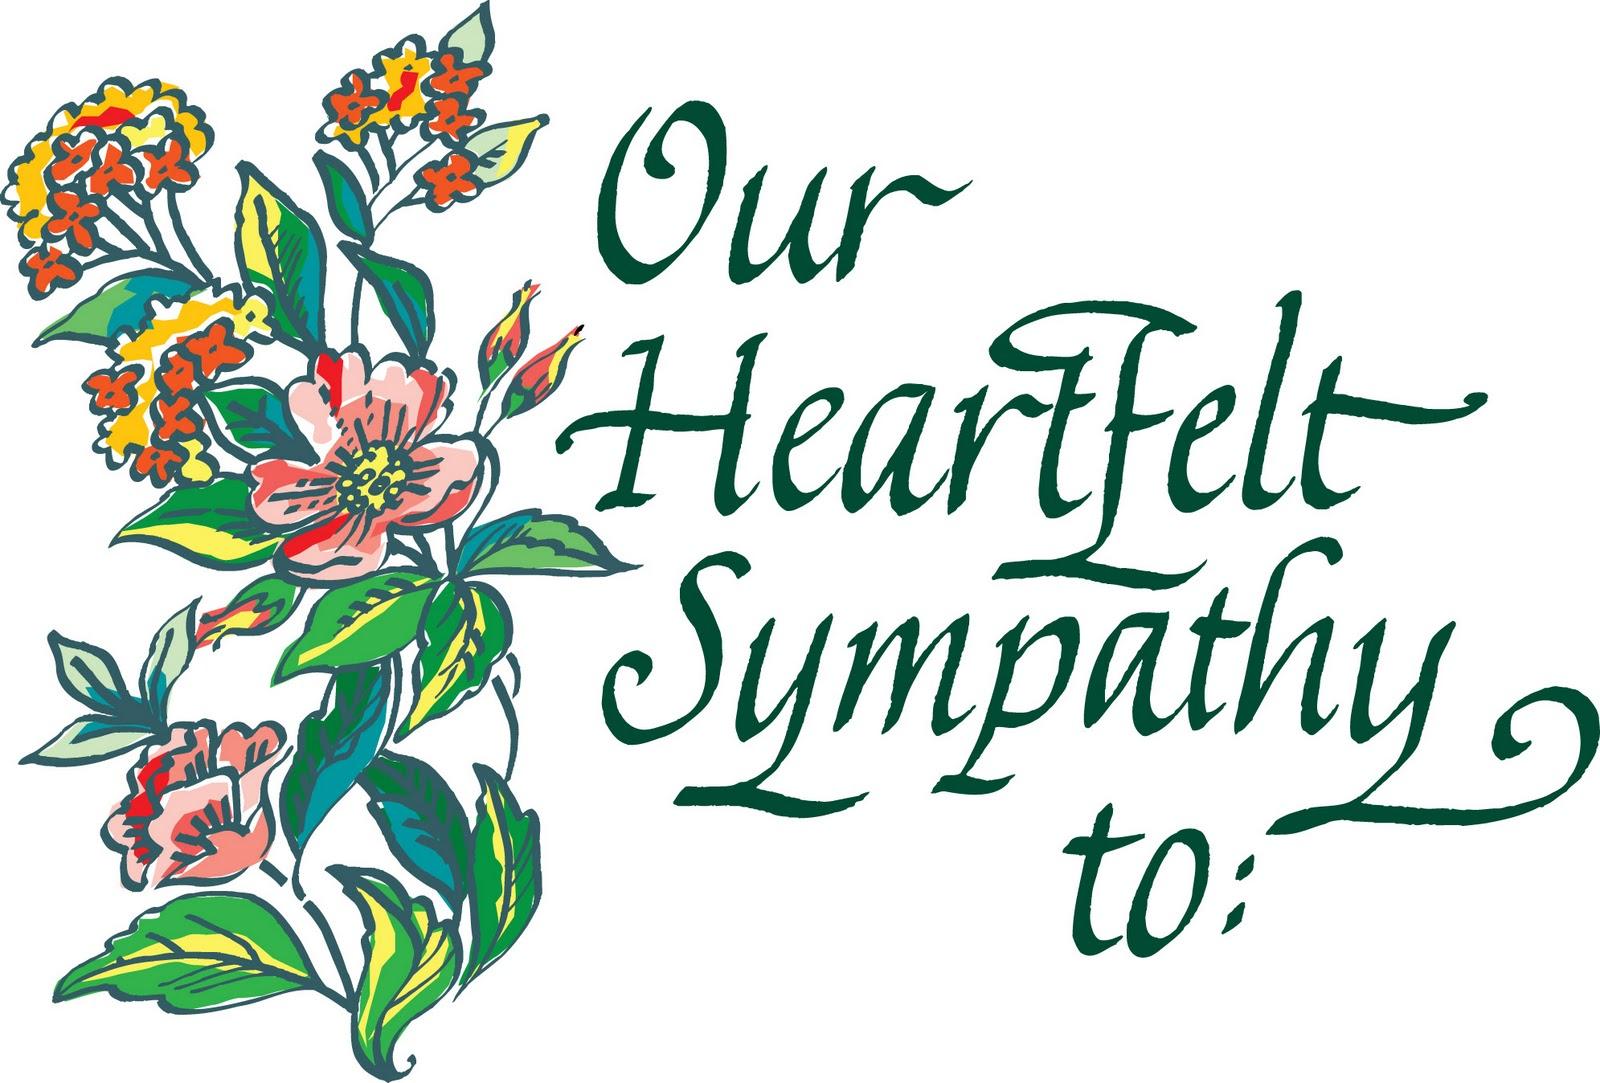 Clipart condolences graphic stock Condolences Sco clipart free image graphic stock